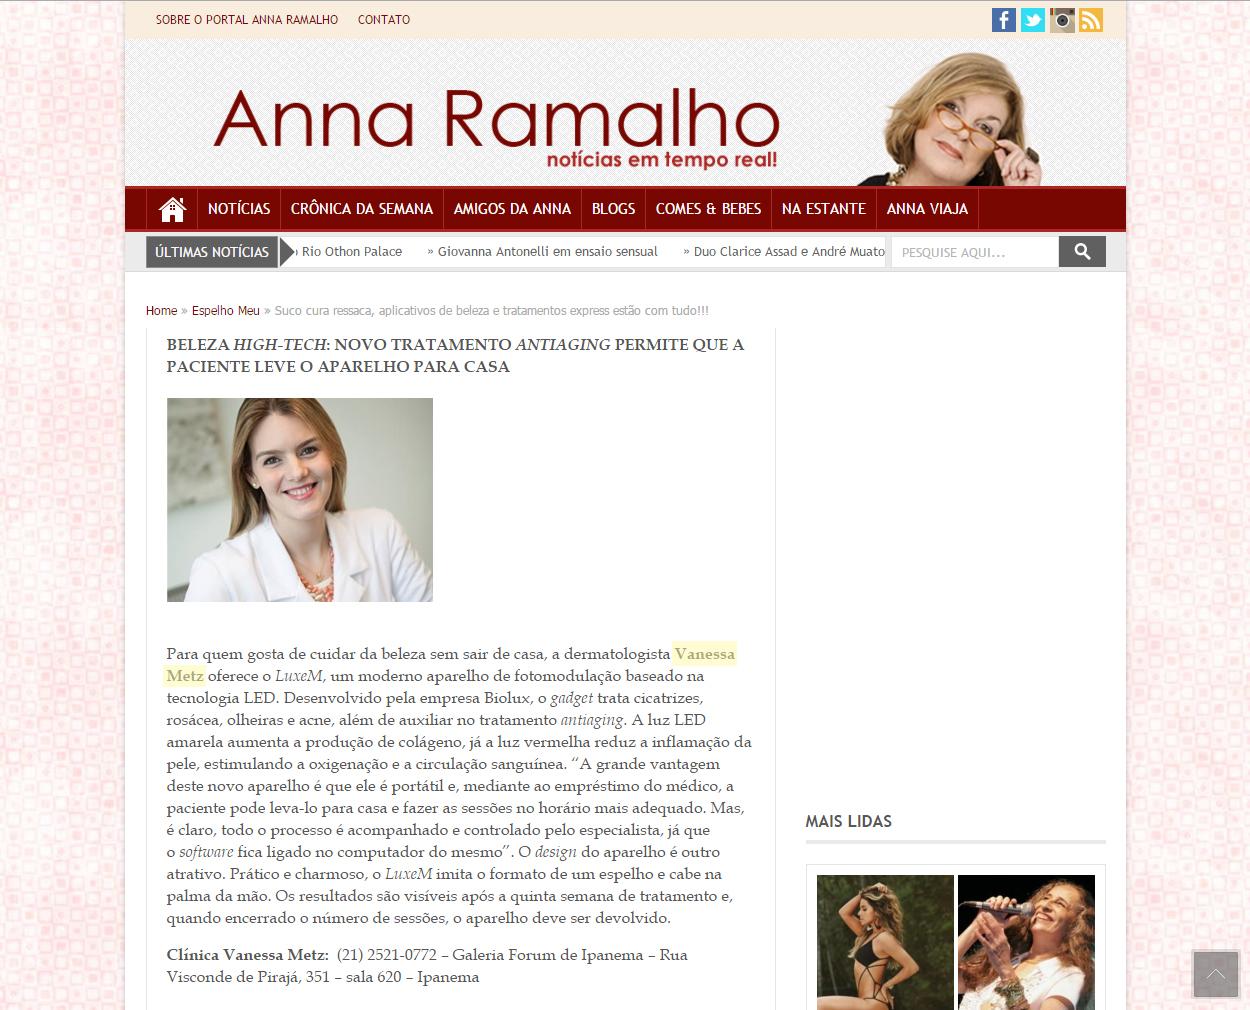 Portal Anna Ramalho - 01 de janeiro de 2016 - Beleza High-Tech